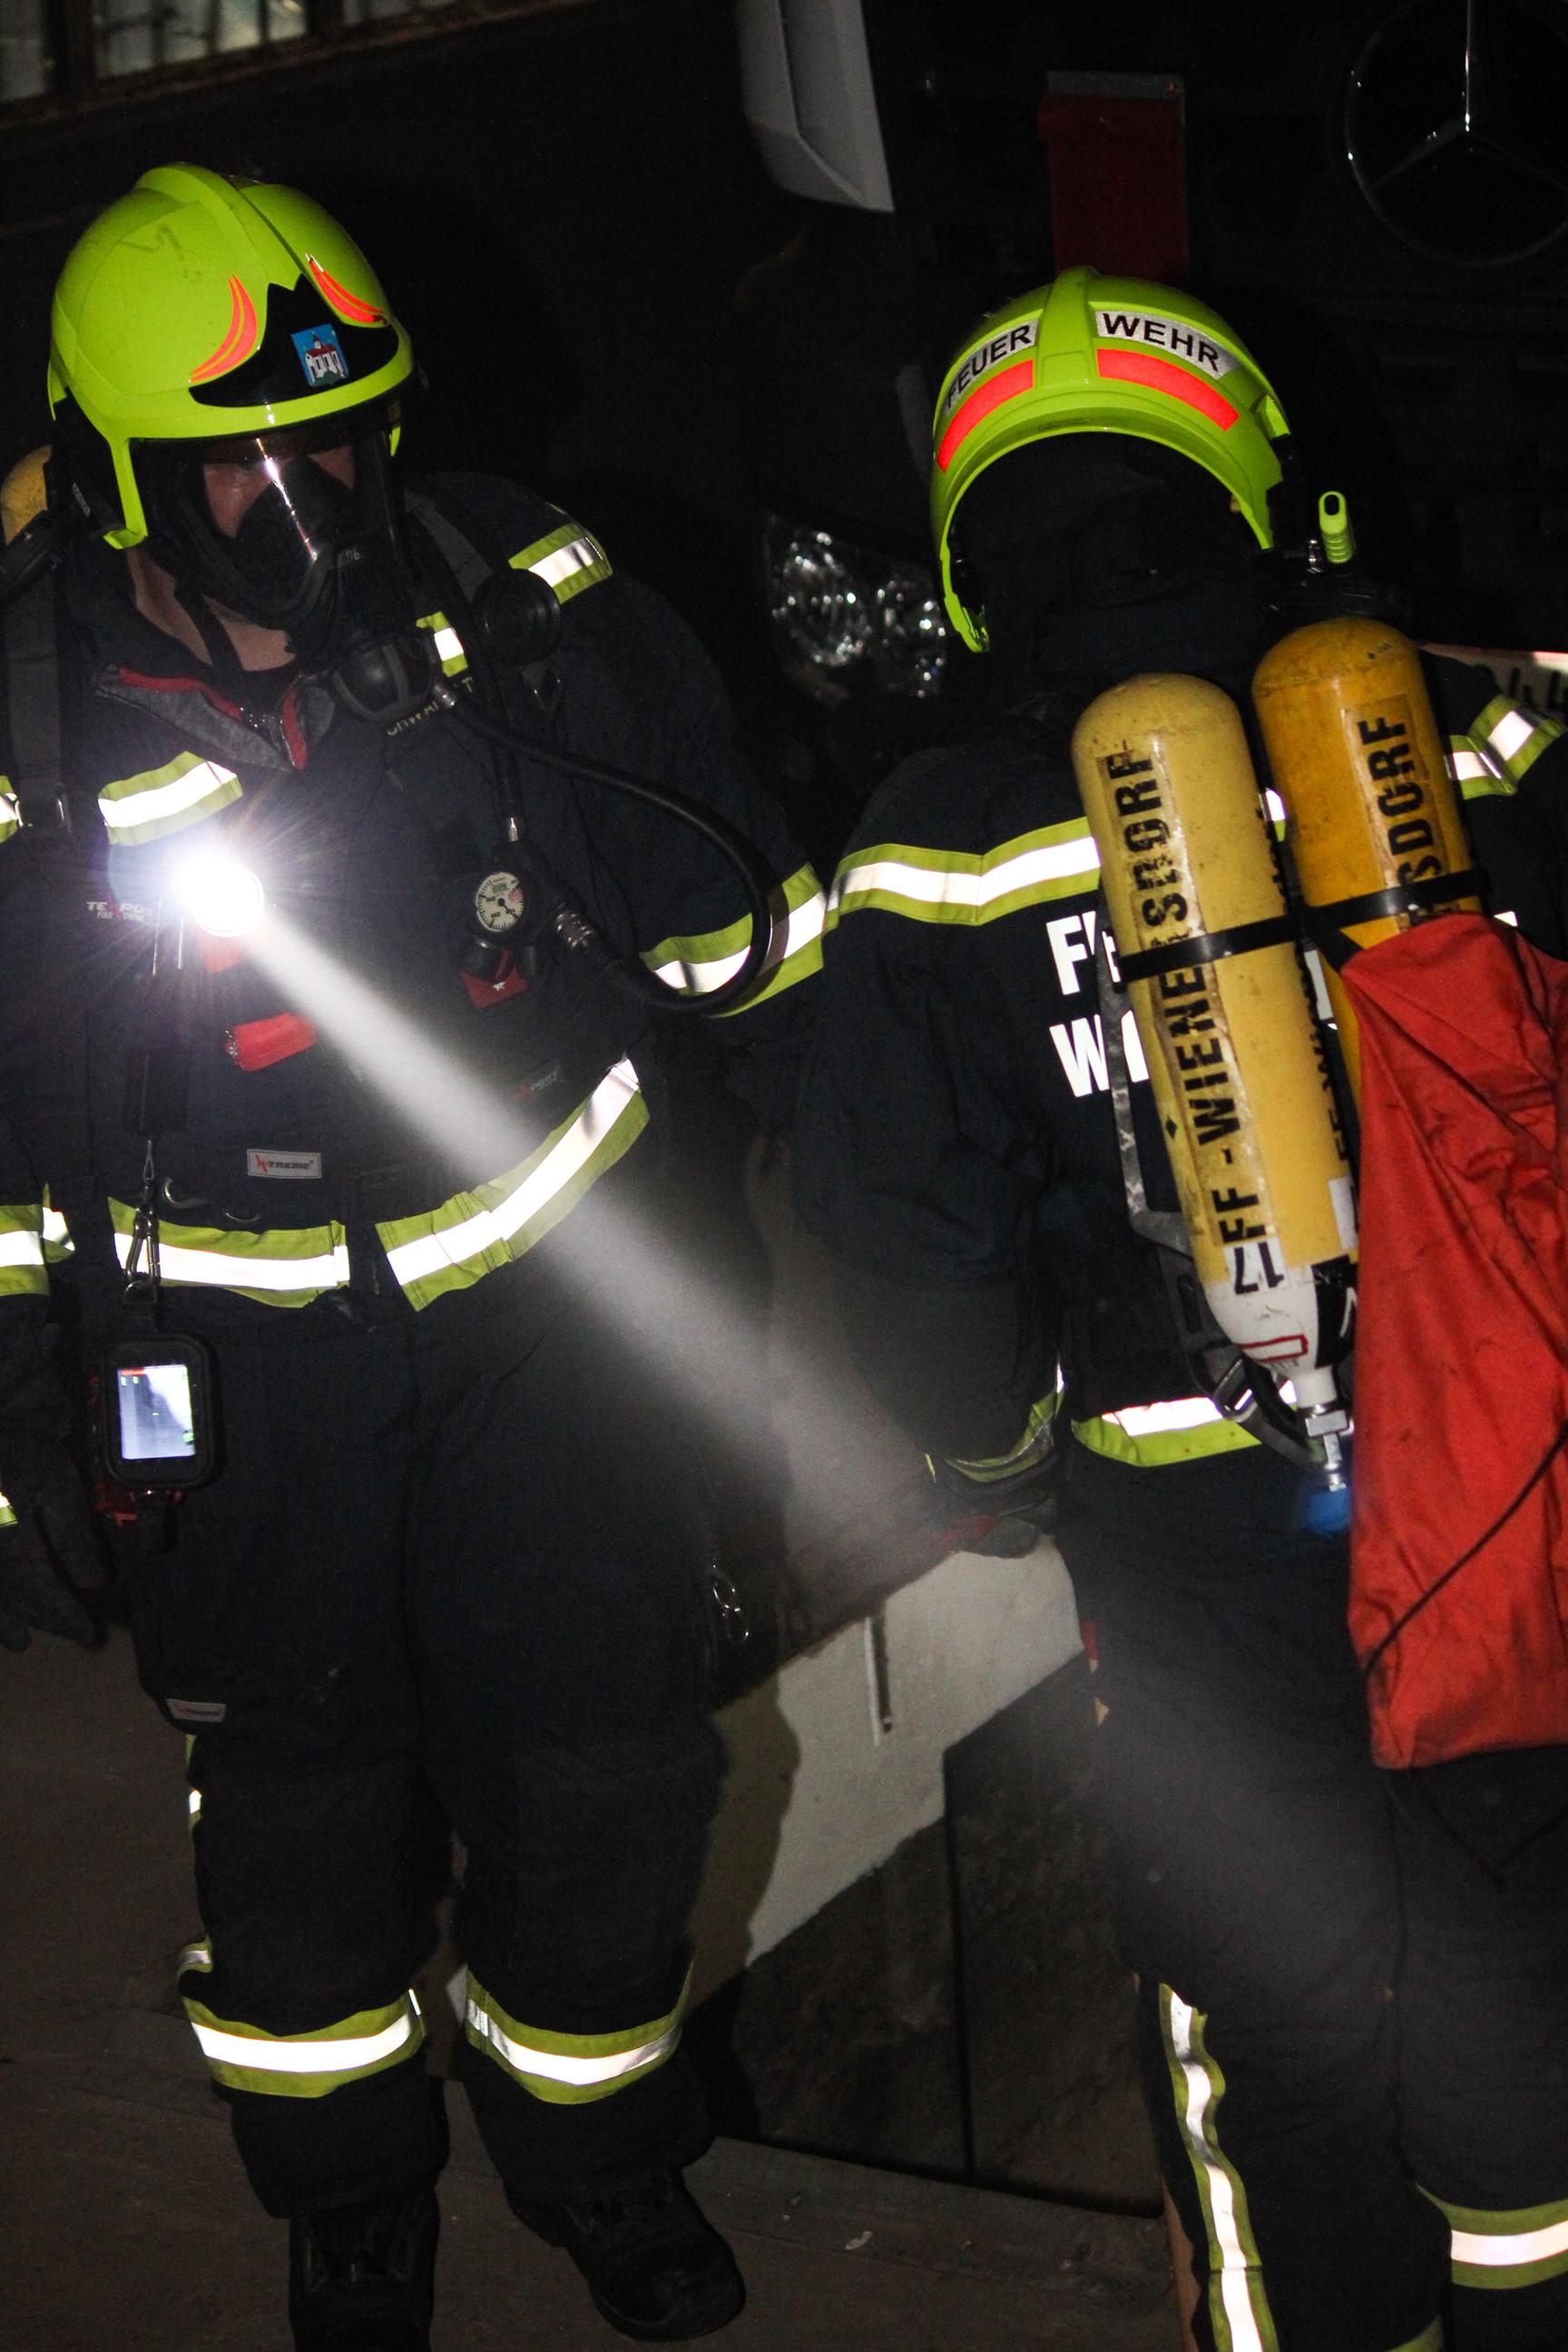 Brandschutzübung_NUA (23 von 23)